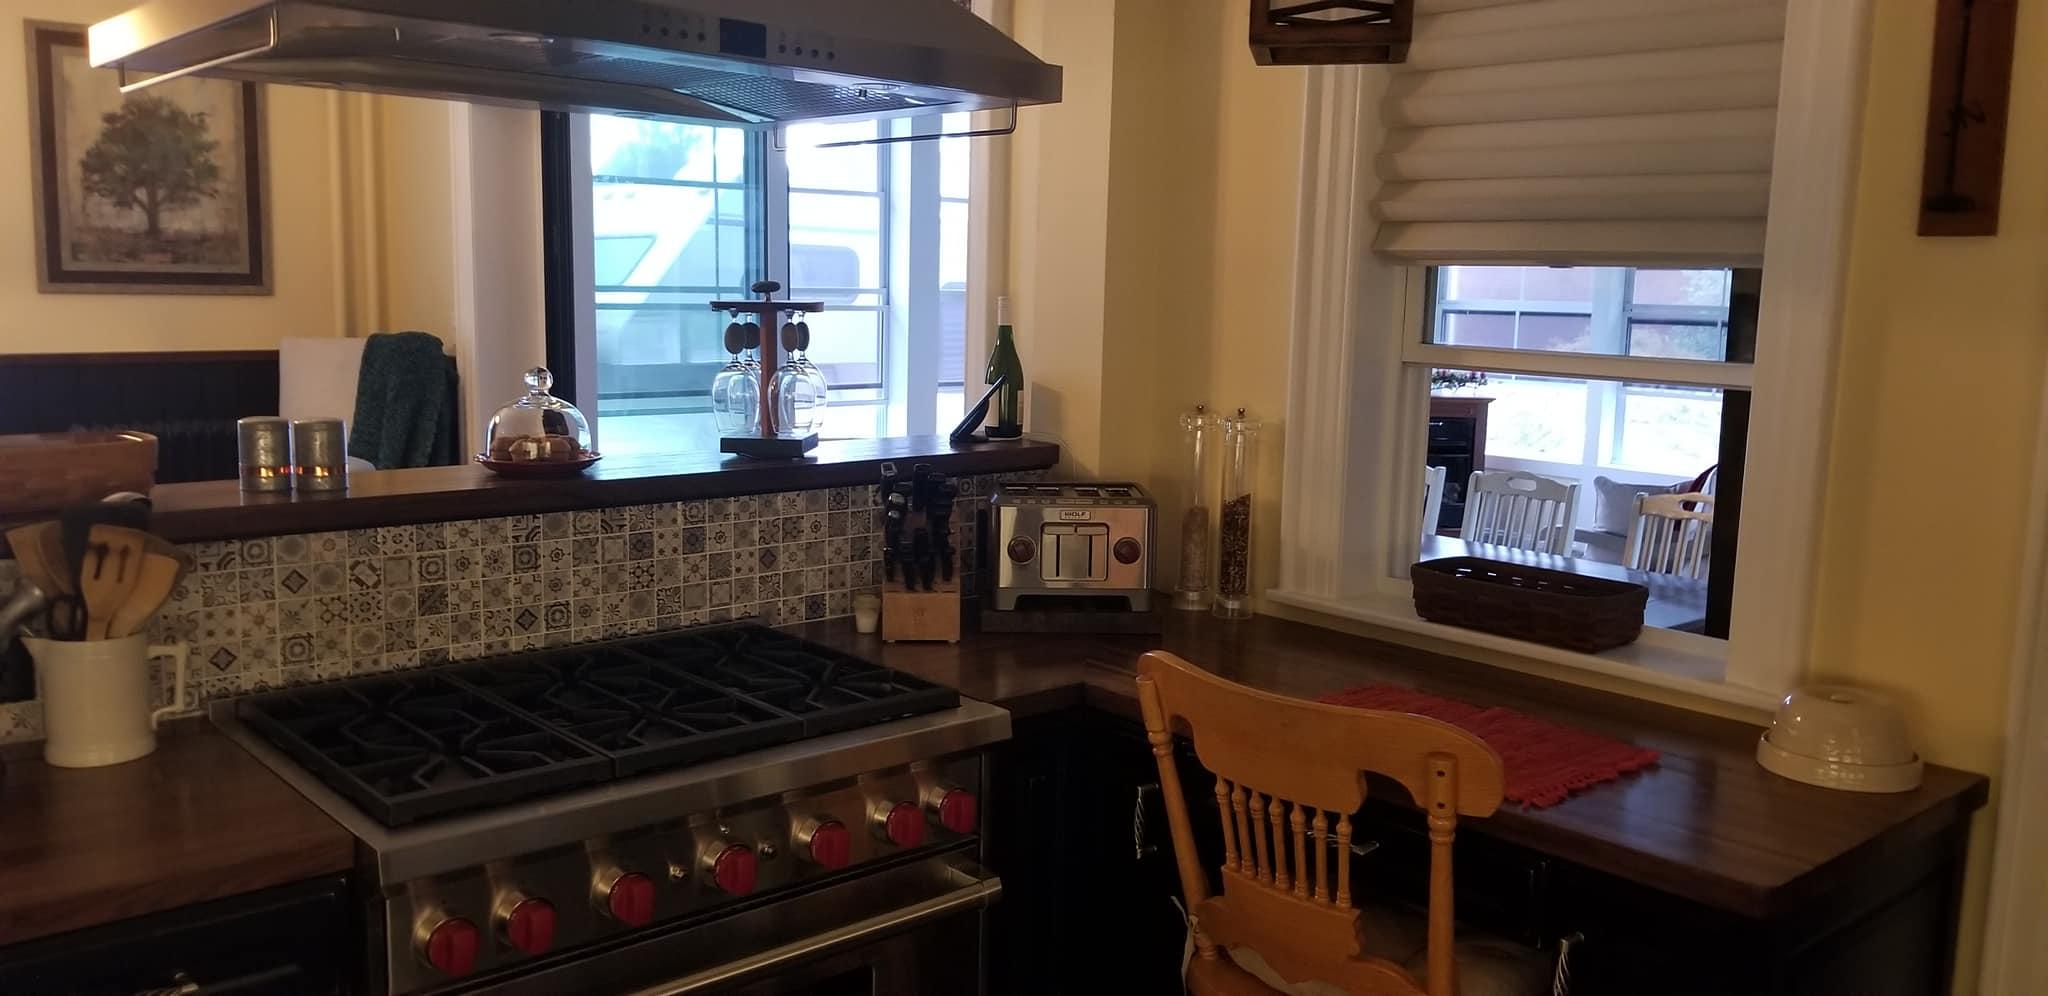 We Do Kitchens 4760 Zane A Miller Dr Waynesboro Pa 17268